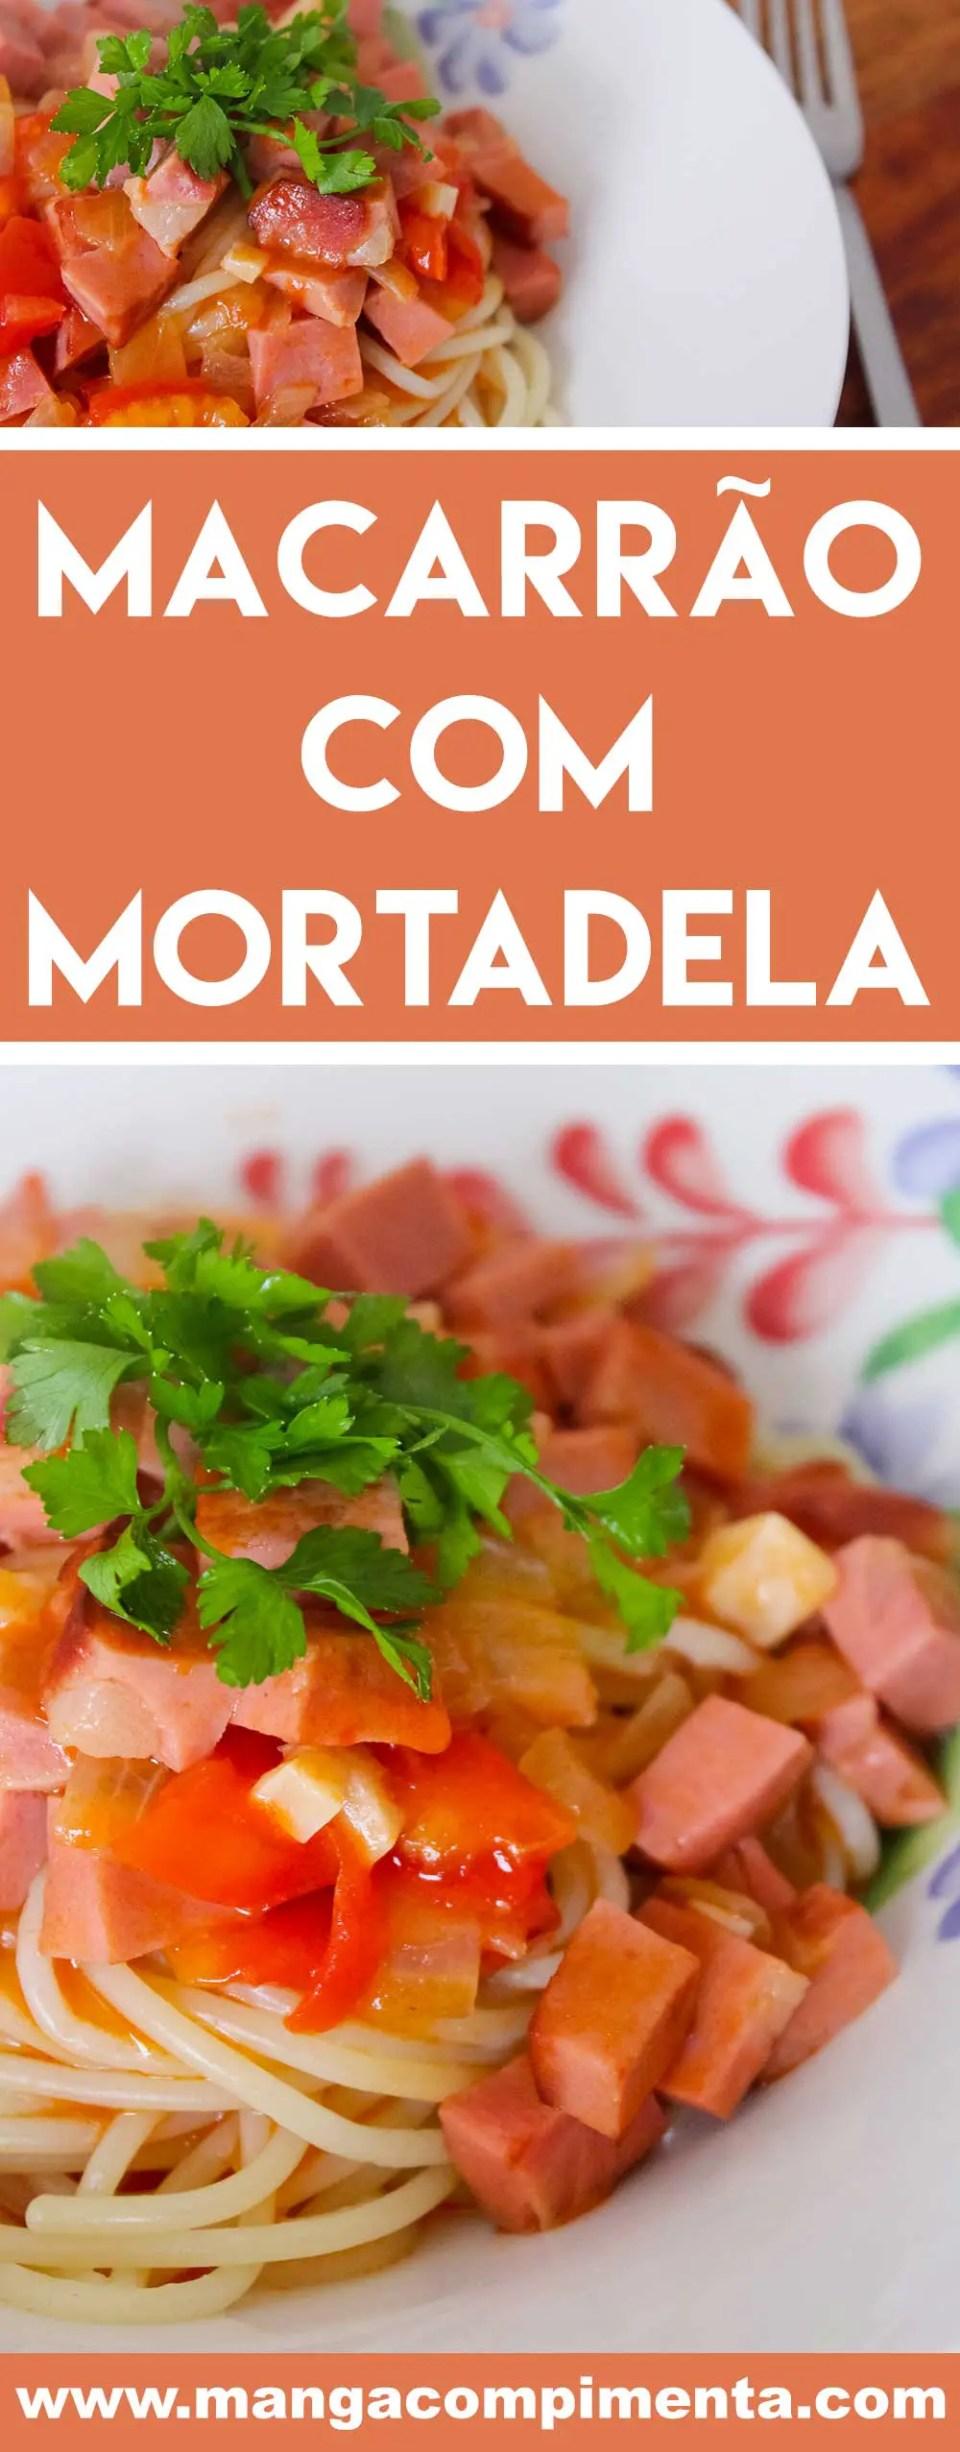 Receita de Macarrão com Mortadela - para um almoço express na semana!